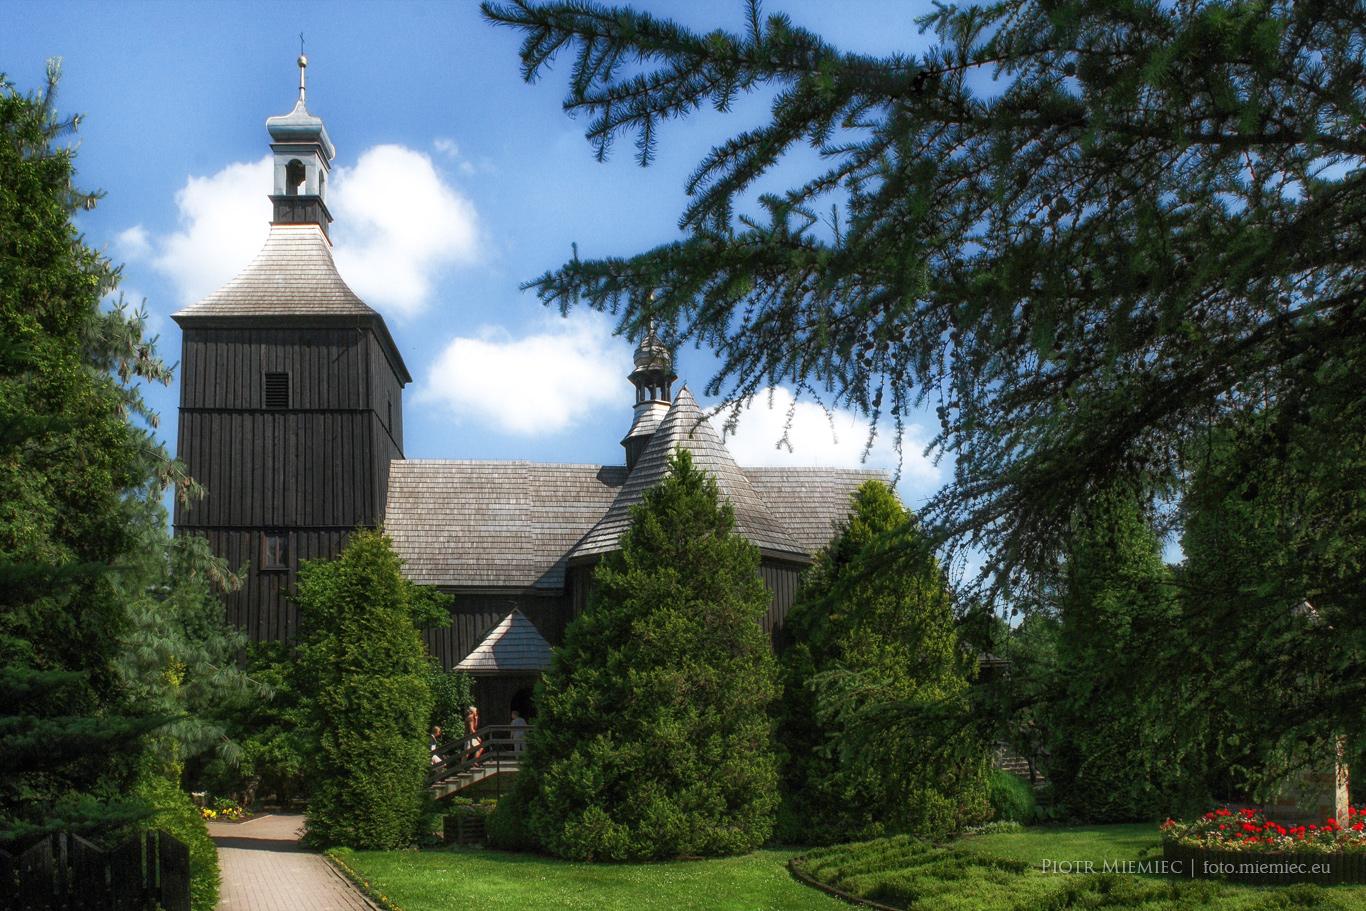 Kościół Wawrzyńca  Rybnik - 2